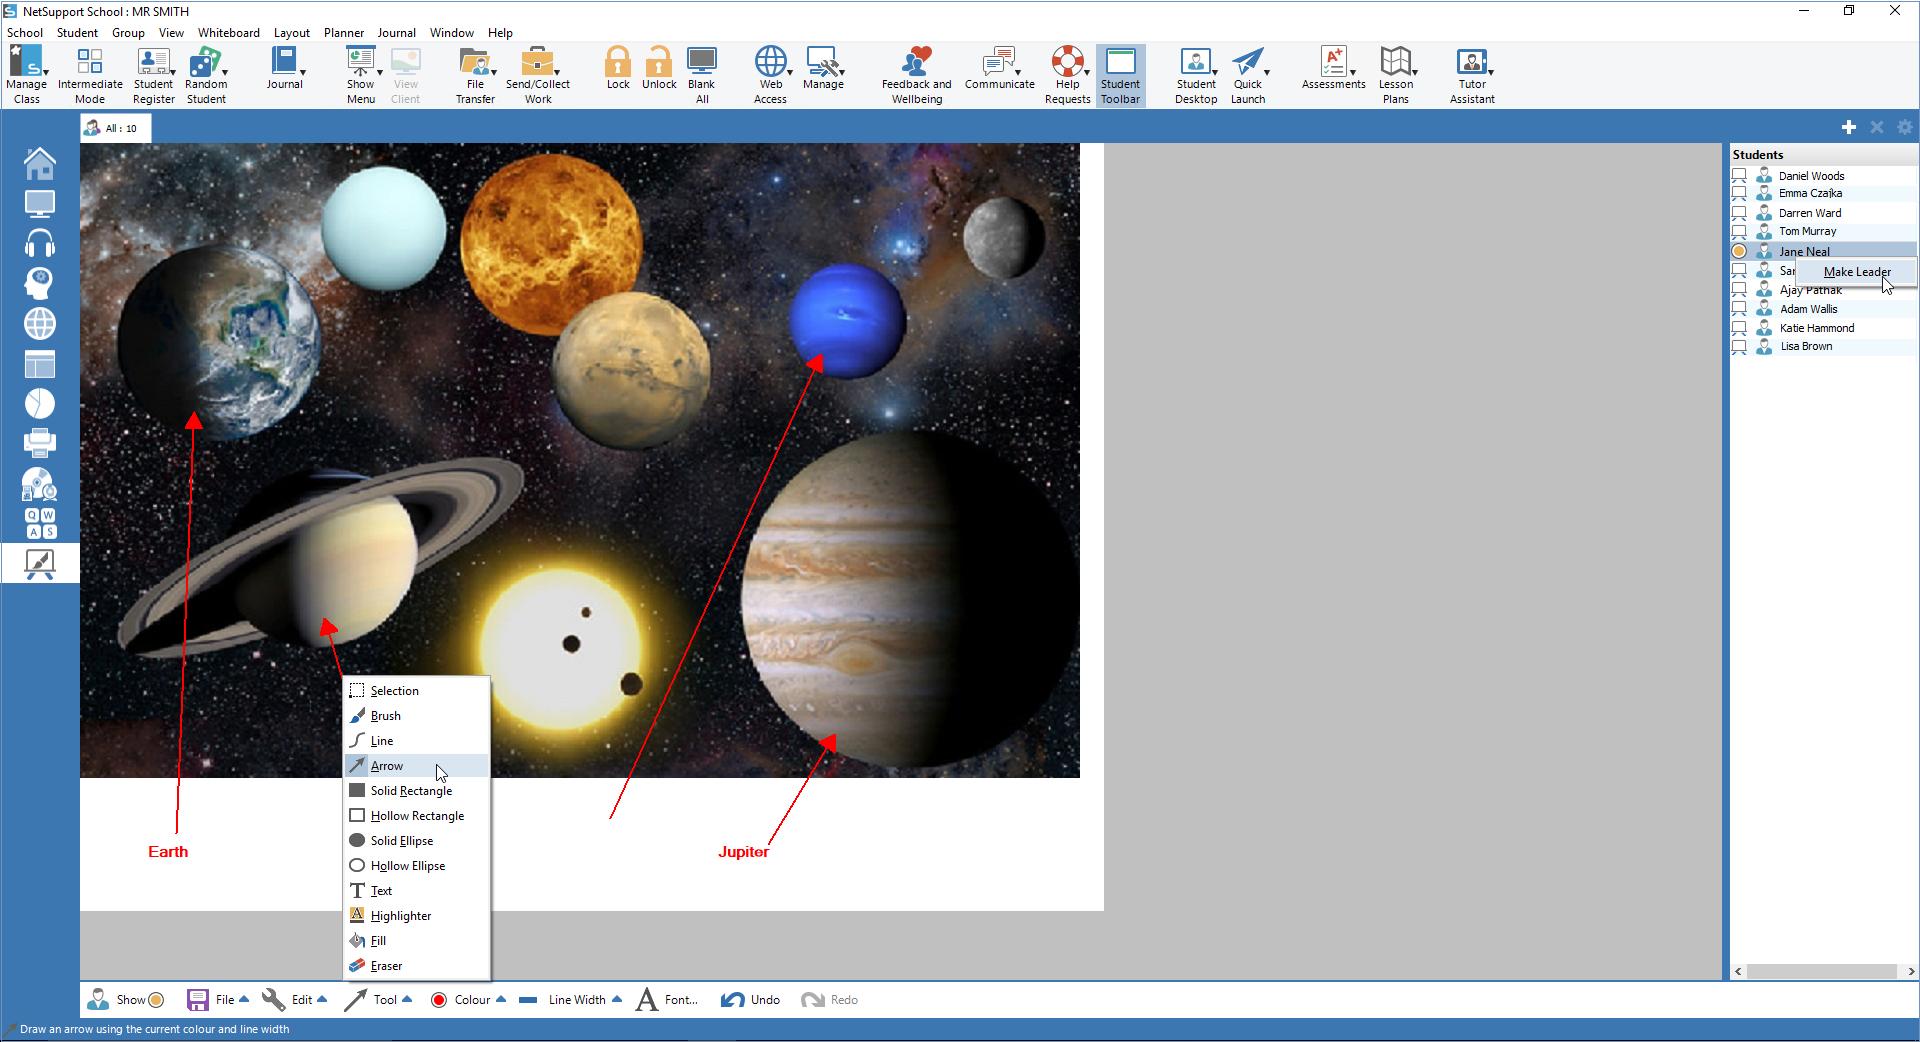 NetSupport School Software - NetSupport School - Virtual Whiteboard